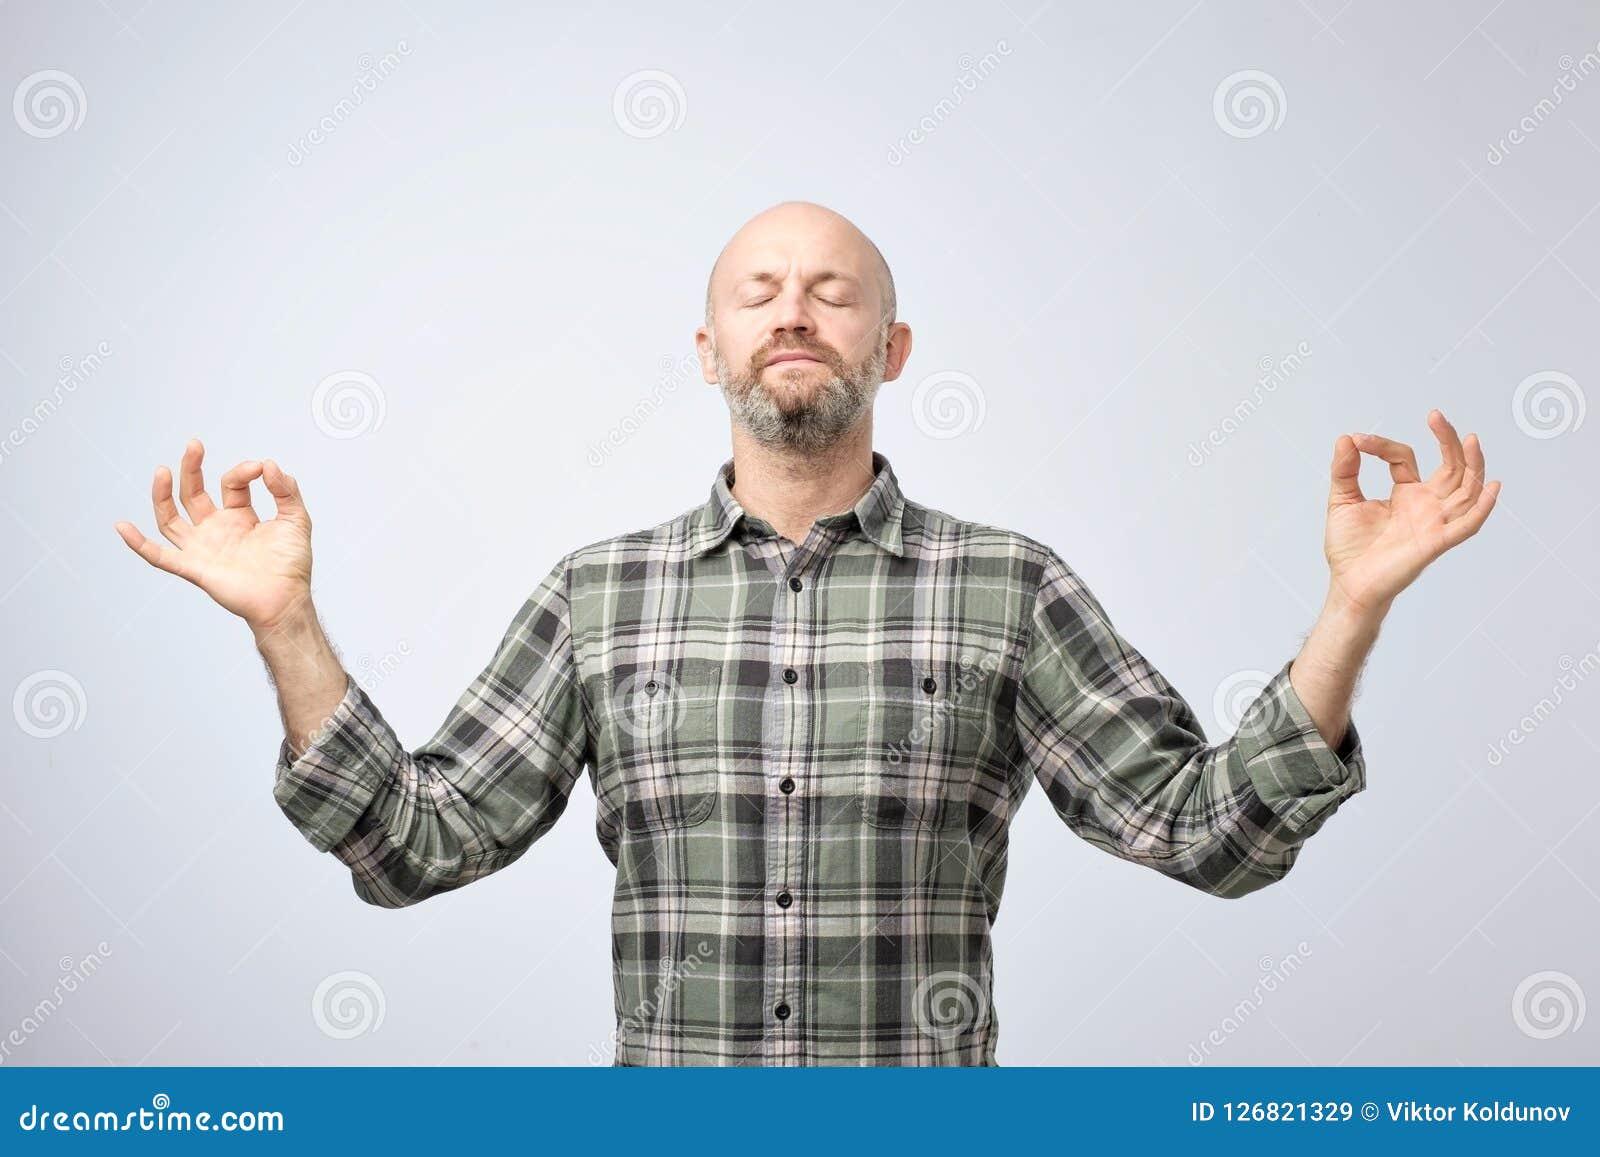 Yoga en meditatieconcept De knappe kale mens met varkenshaar die ogen houden sloot terwijl het mediteren